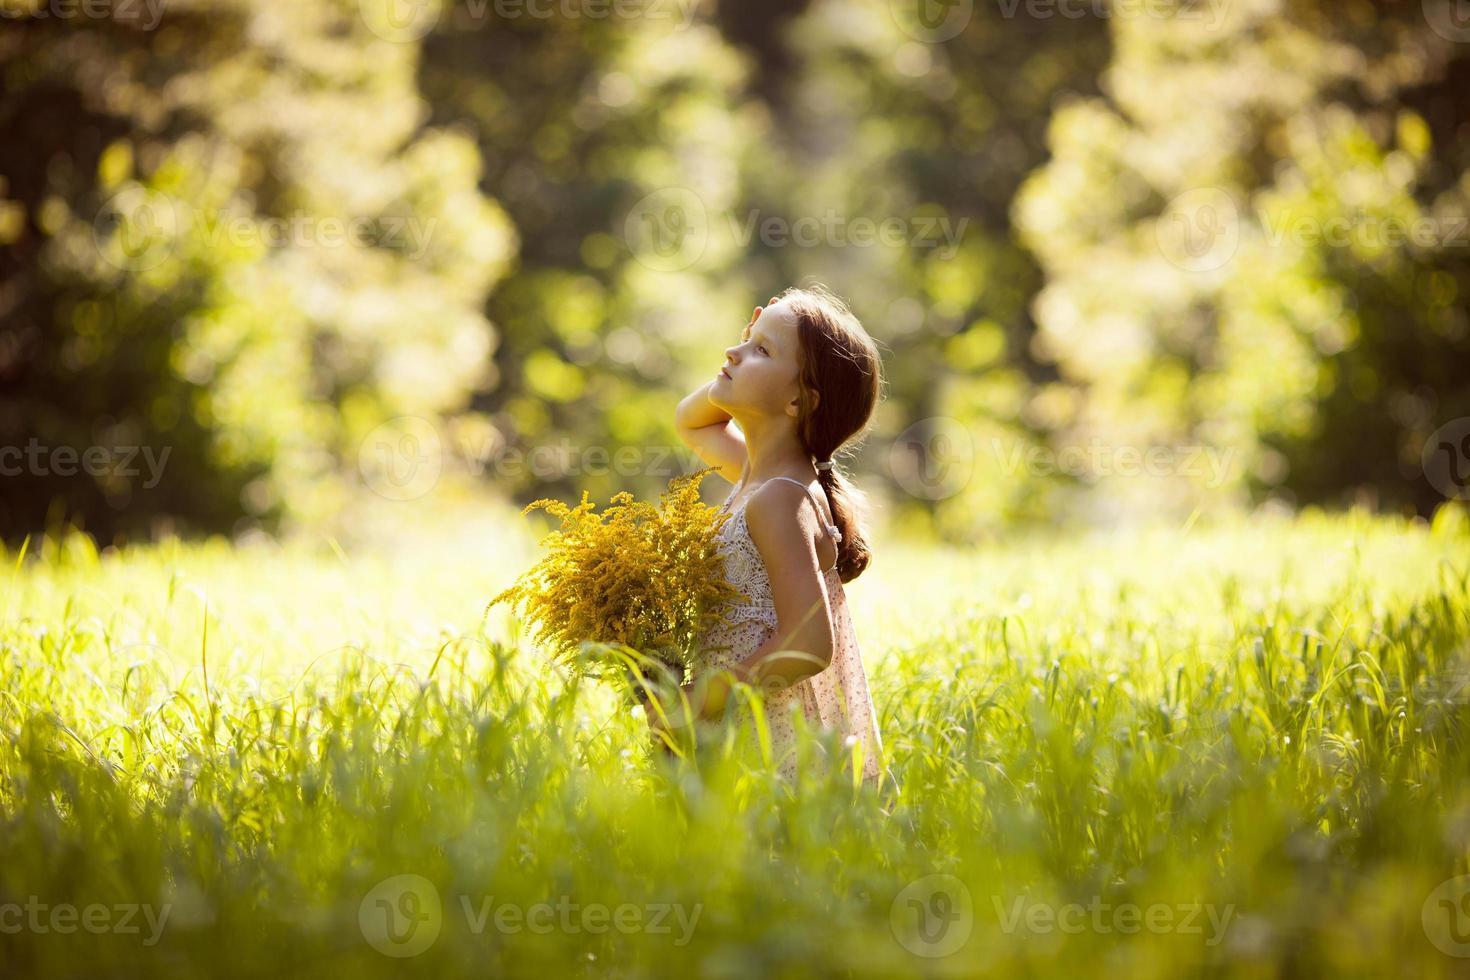 kleines Mädchen steht mit einem Strauß gelber Blumen foto